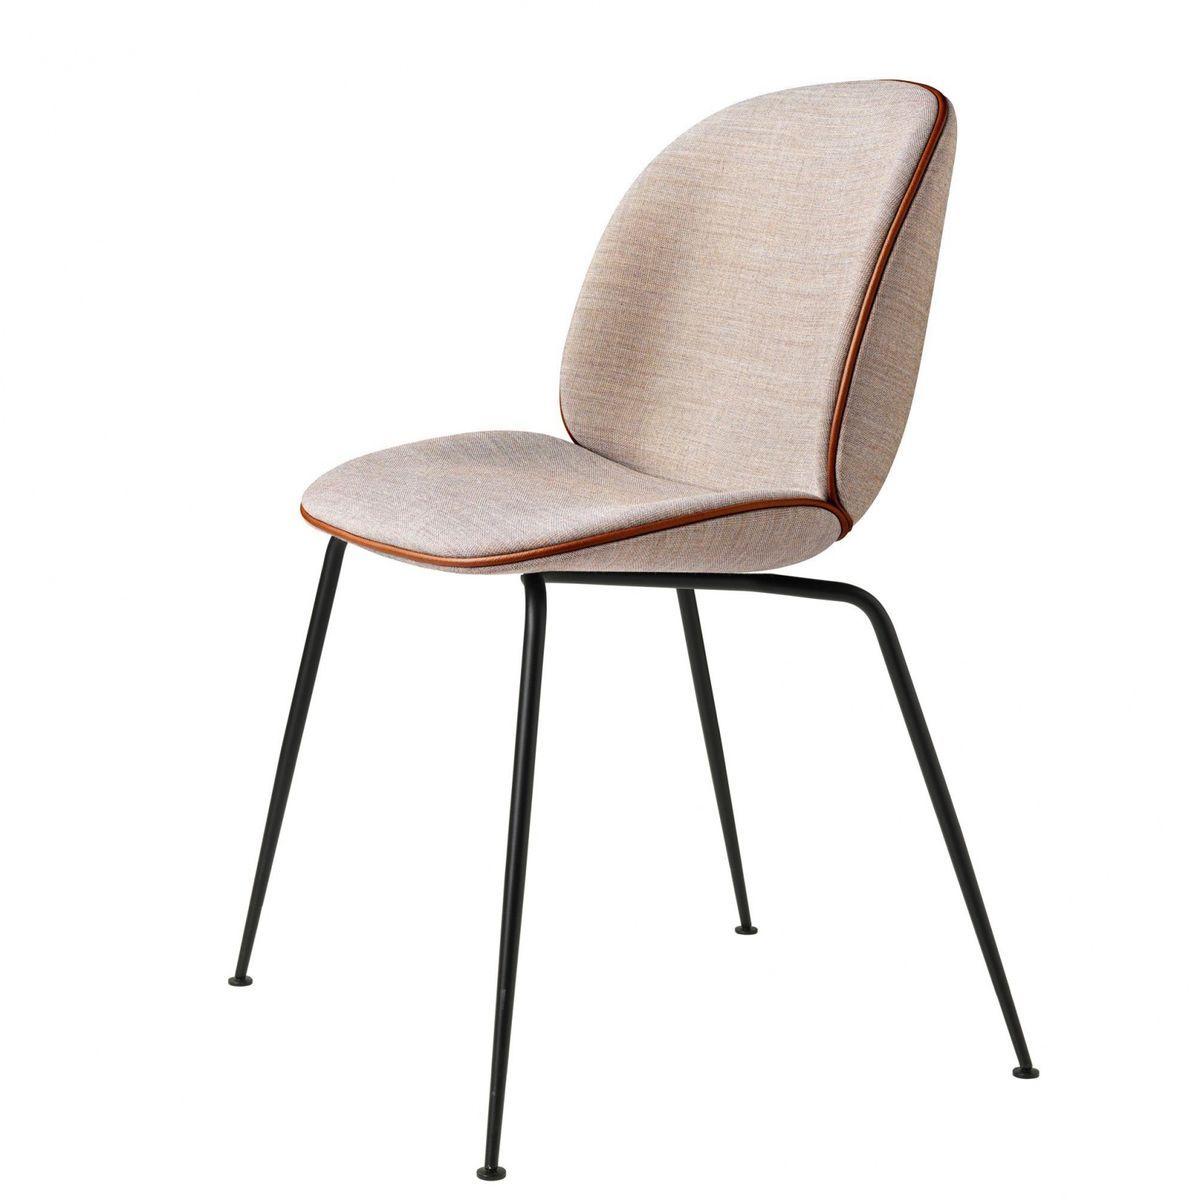 beetle chair mit stoff und gestell schwarz bedroom st hle stuhl polstern und stuhl stoff. Black Bedroom Furniture Sets. Home Design Ideas